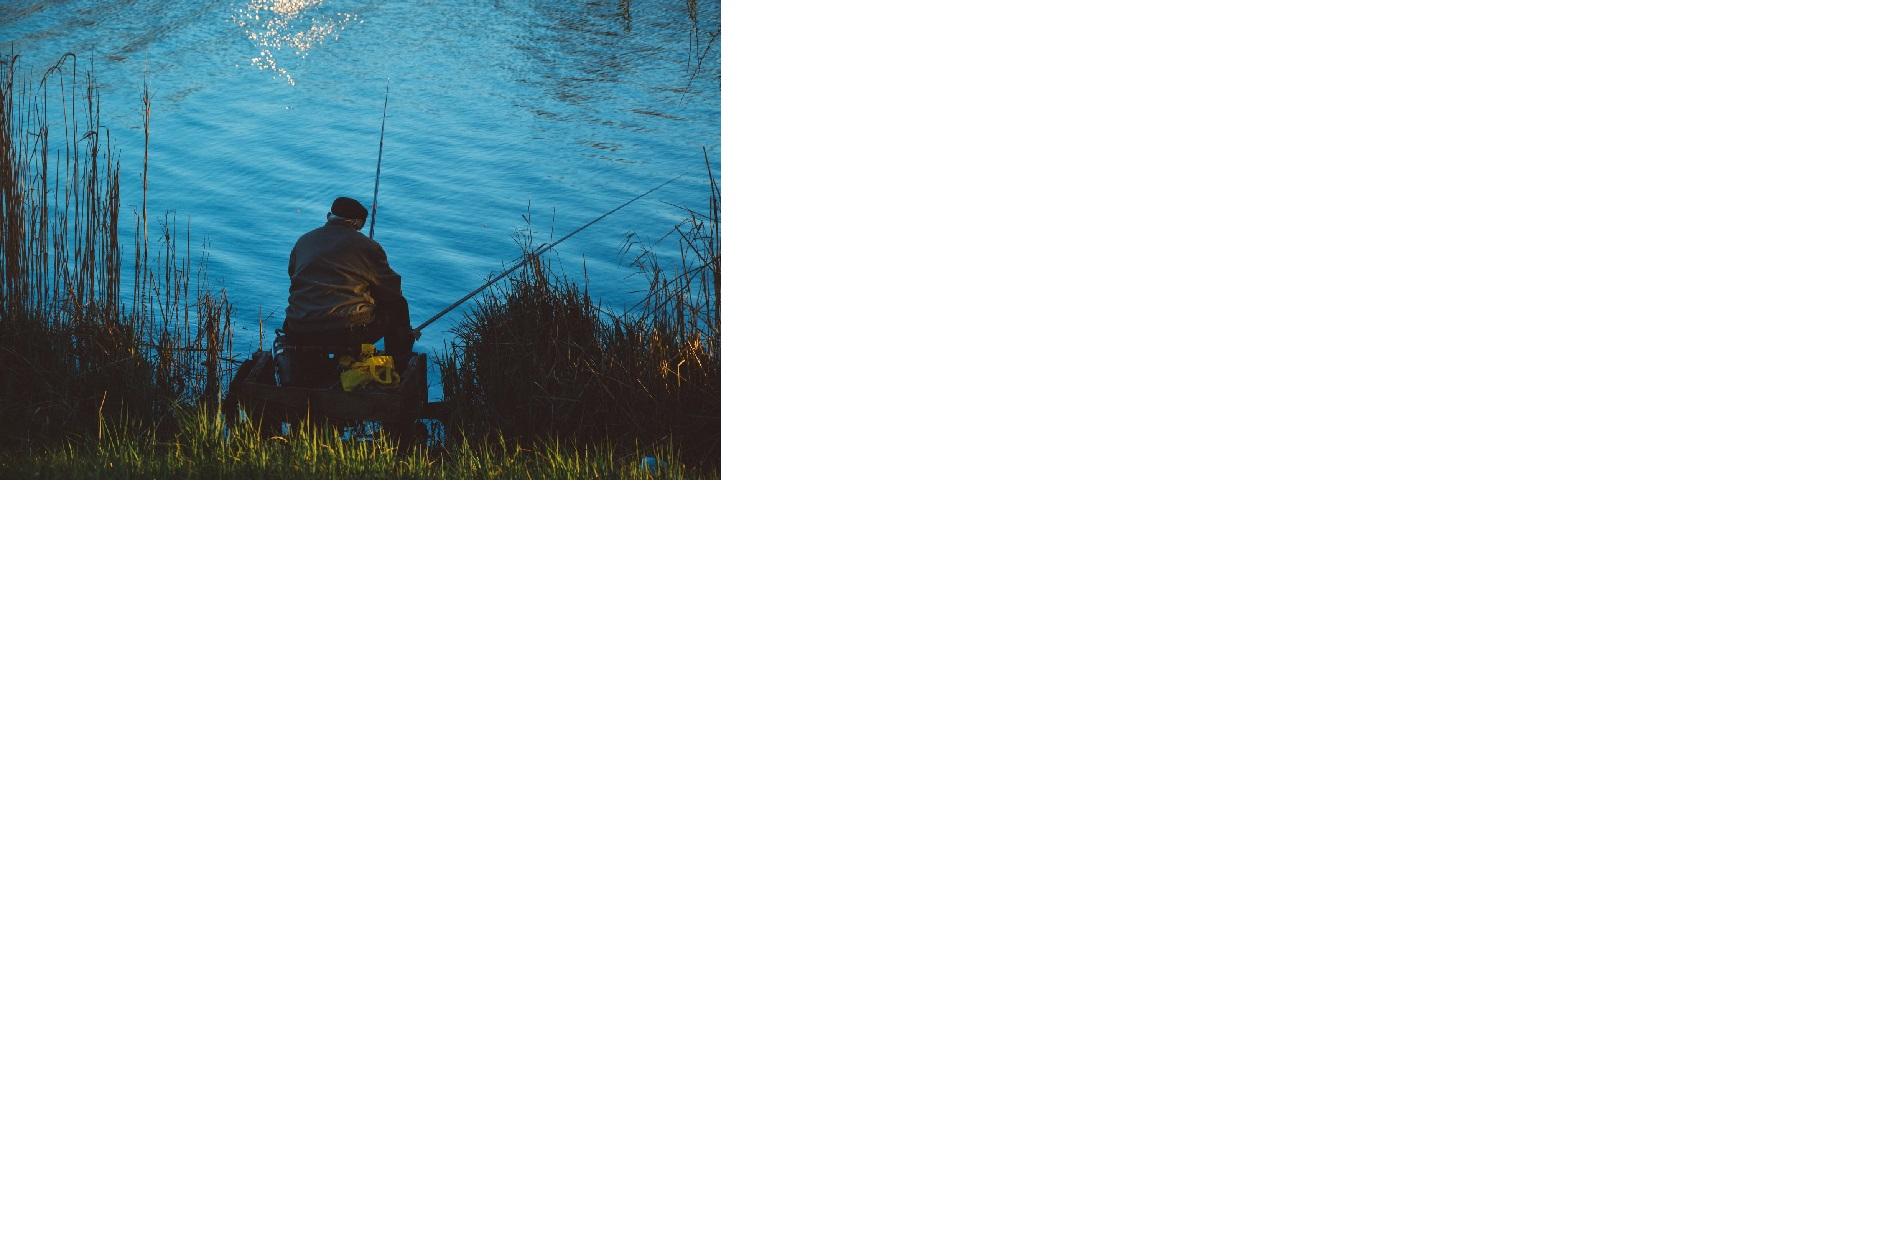 Man som fiskar i sjön